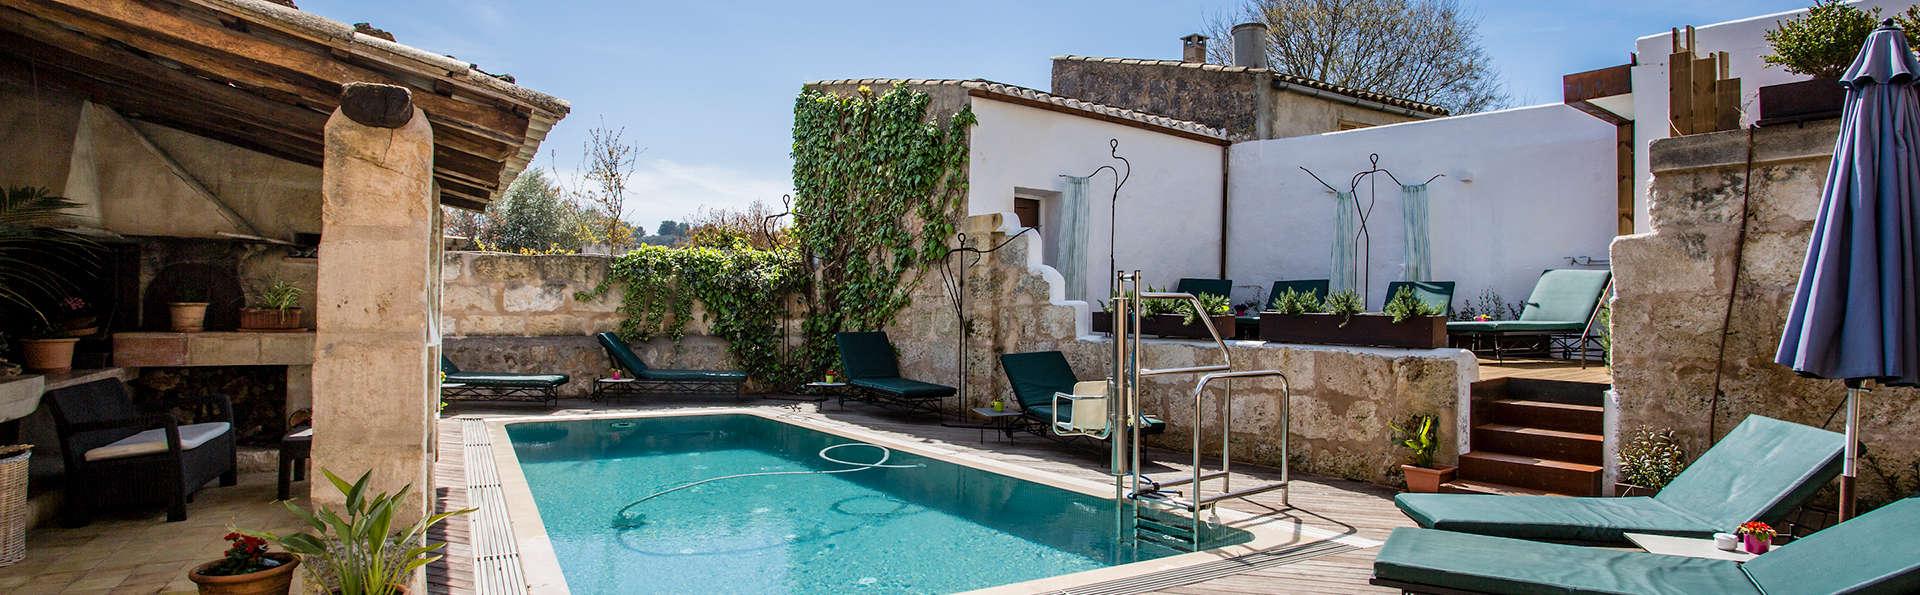 Alójate en una preciosa casa rural en Sineu, el corazón de Mallorca